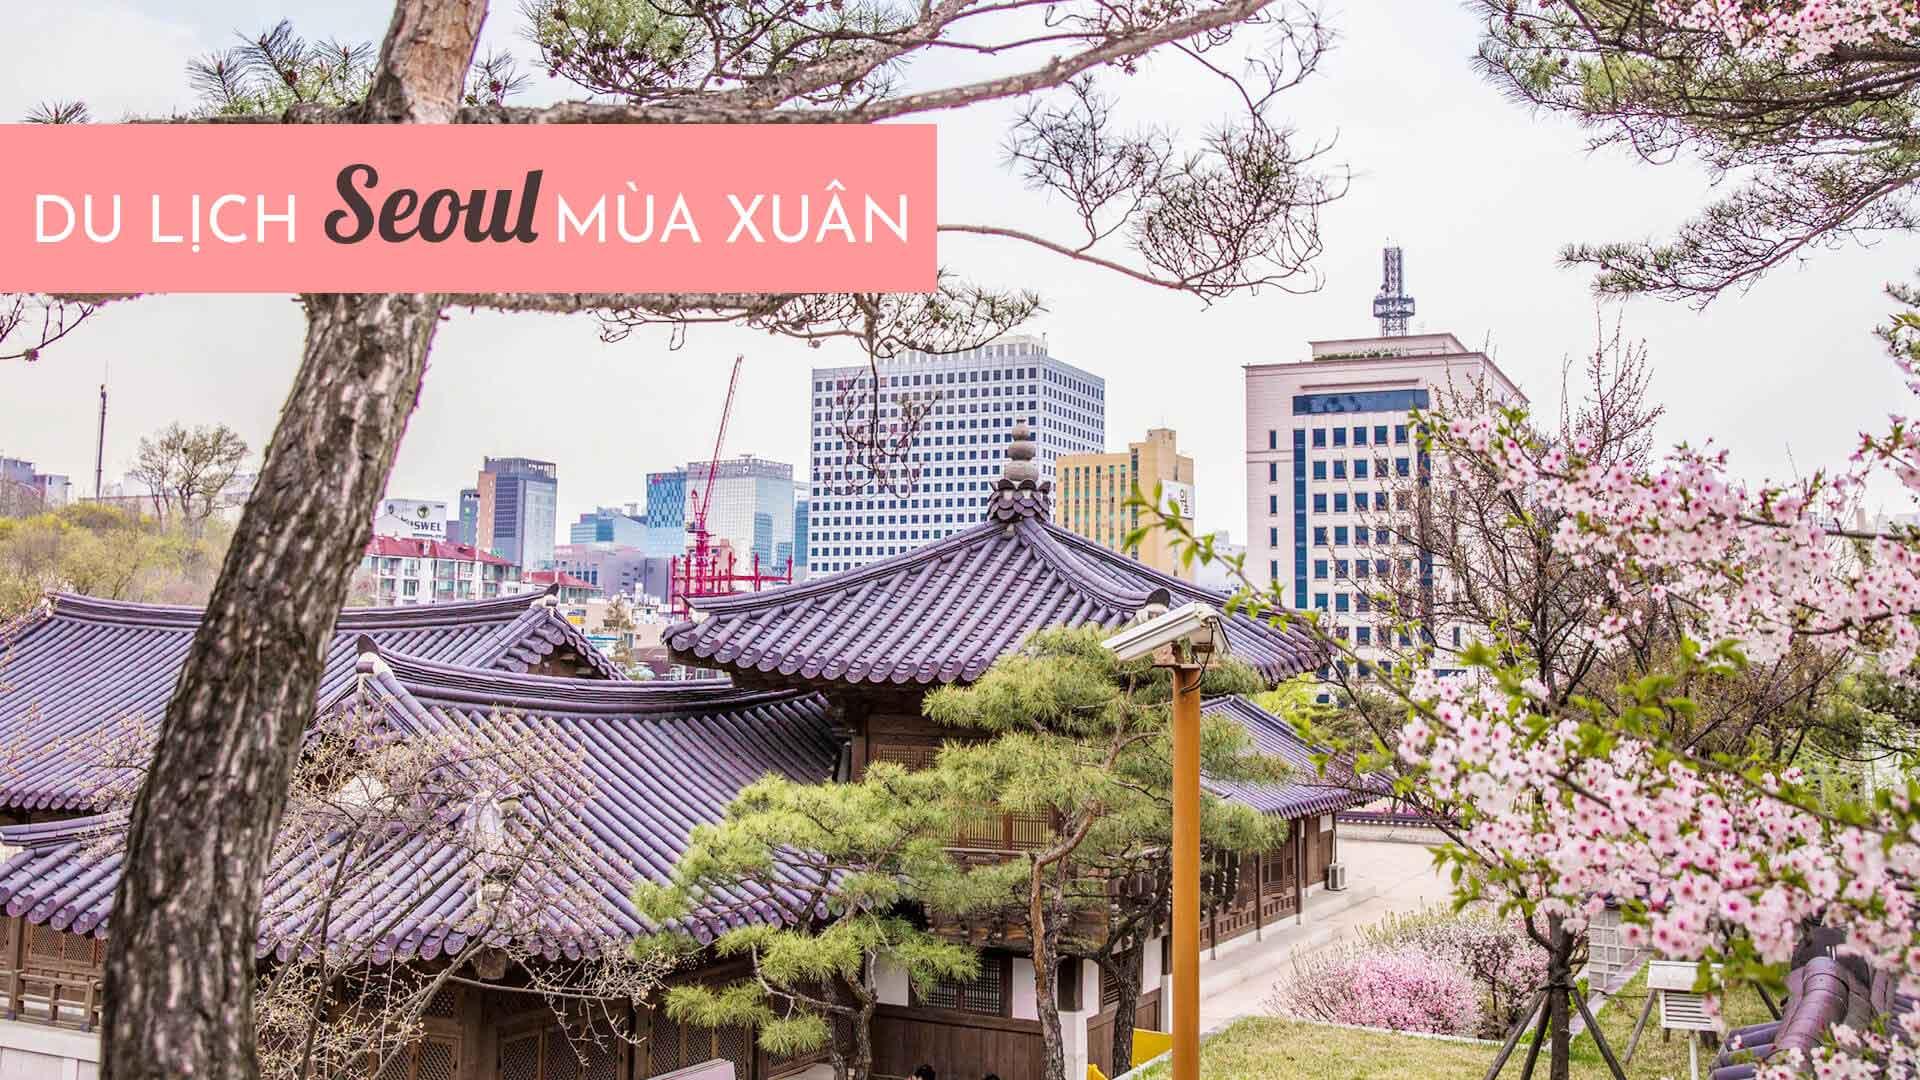 Du lịch Seoul mùa xuân - Ngắm hoa anh đào